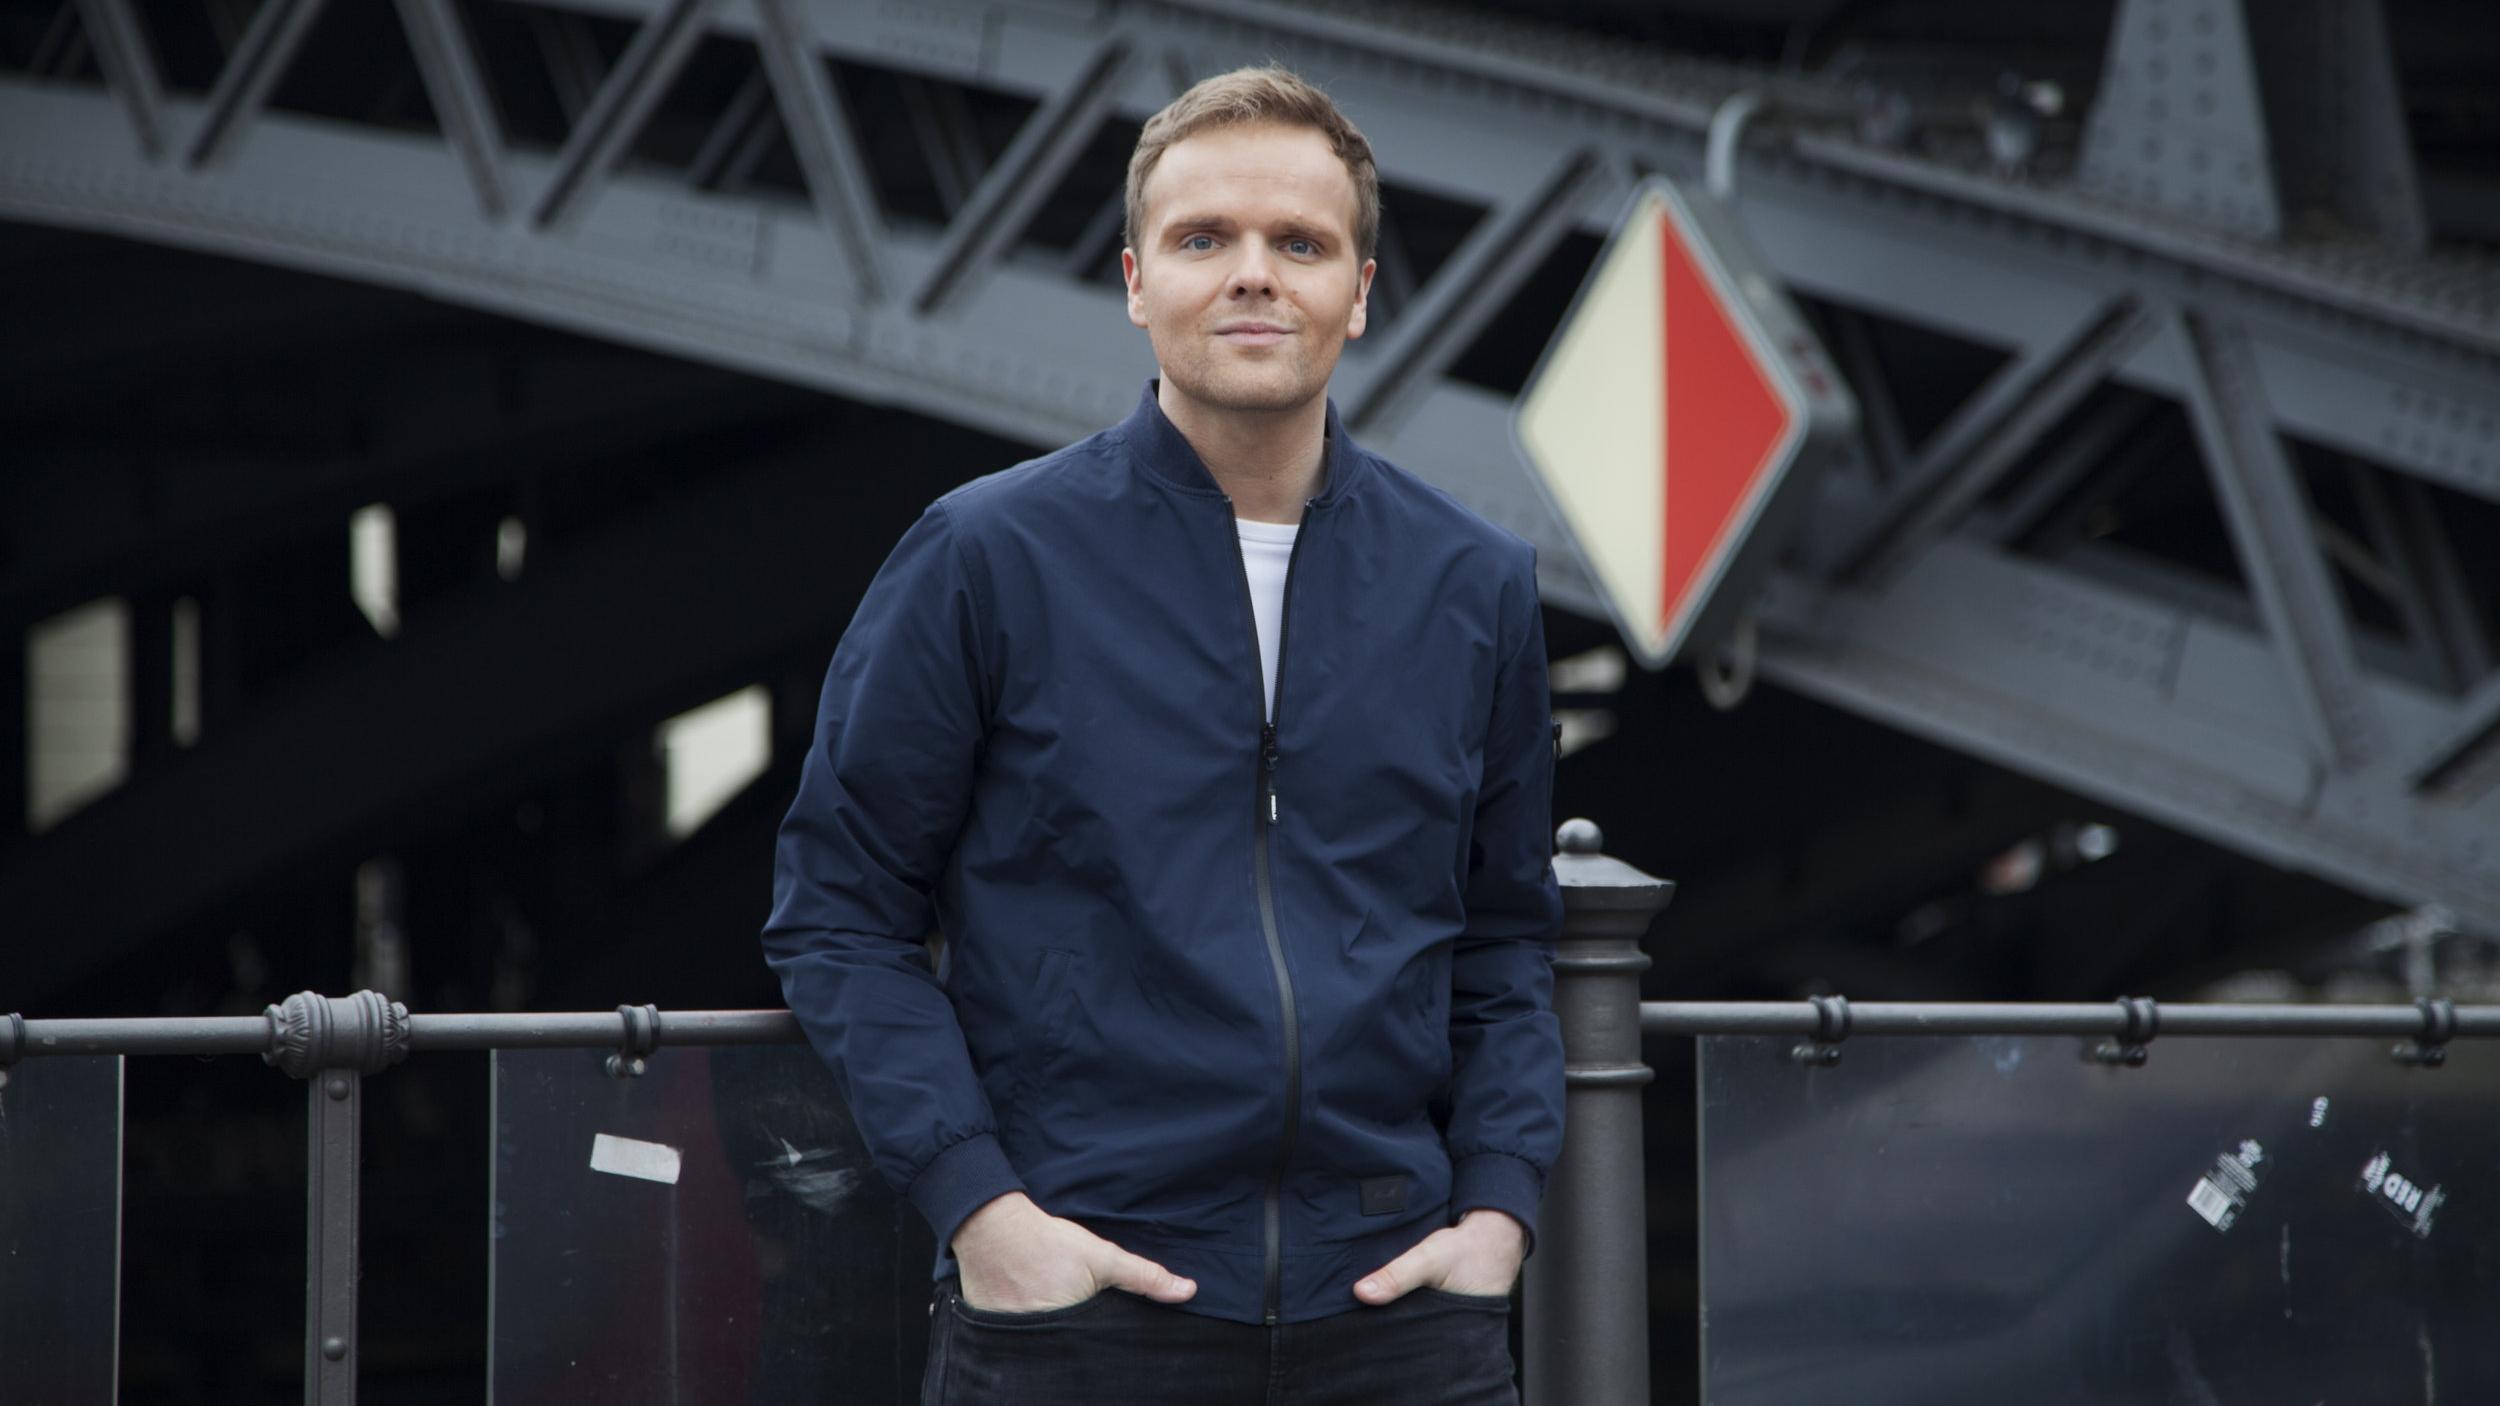 Seit 2005 arbeitet Benjamin als  Redakteur, Reporter & Moderator  für die Hörfunk- und Fernsehsendungen des rbb und beim ZDF in Berlin. Als Dozent hat er u.a. an der Fachhochschule der Polizei unterrichtet.